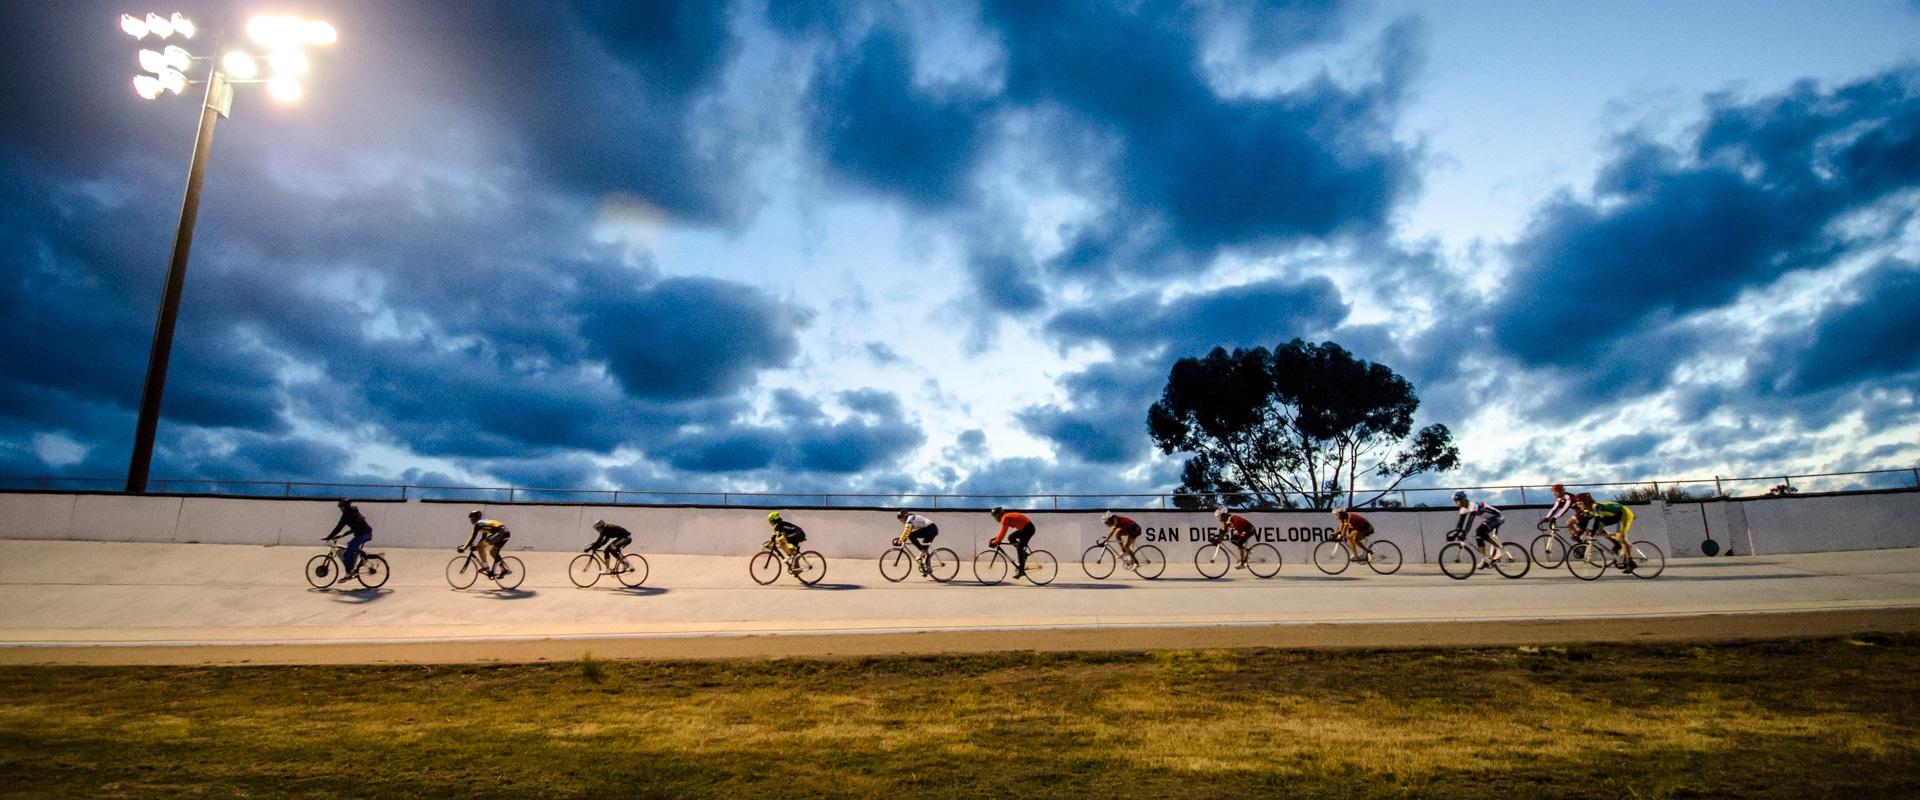 Bikes in Balboa Park